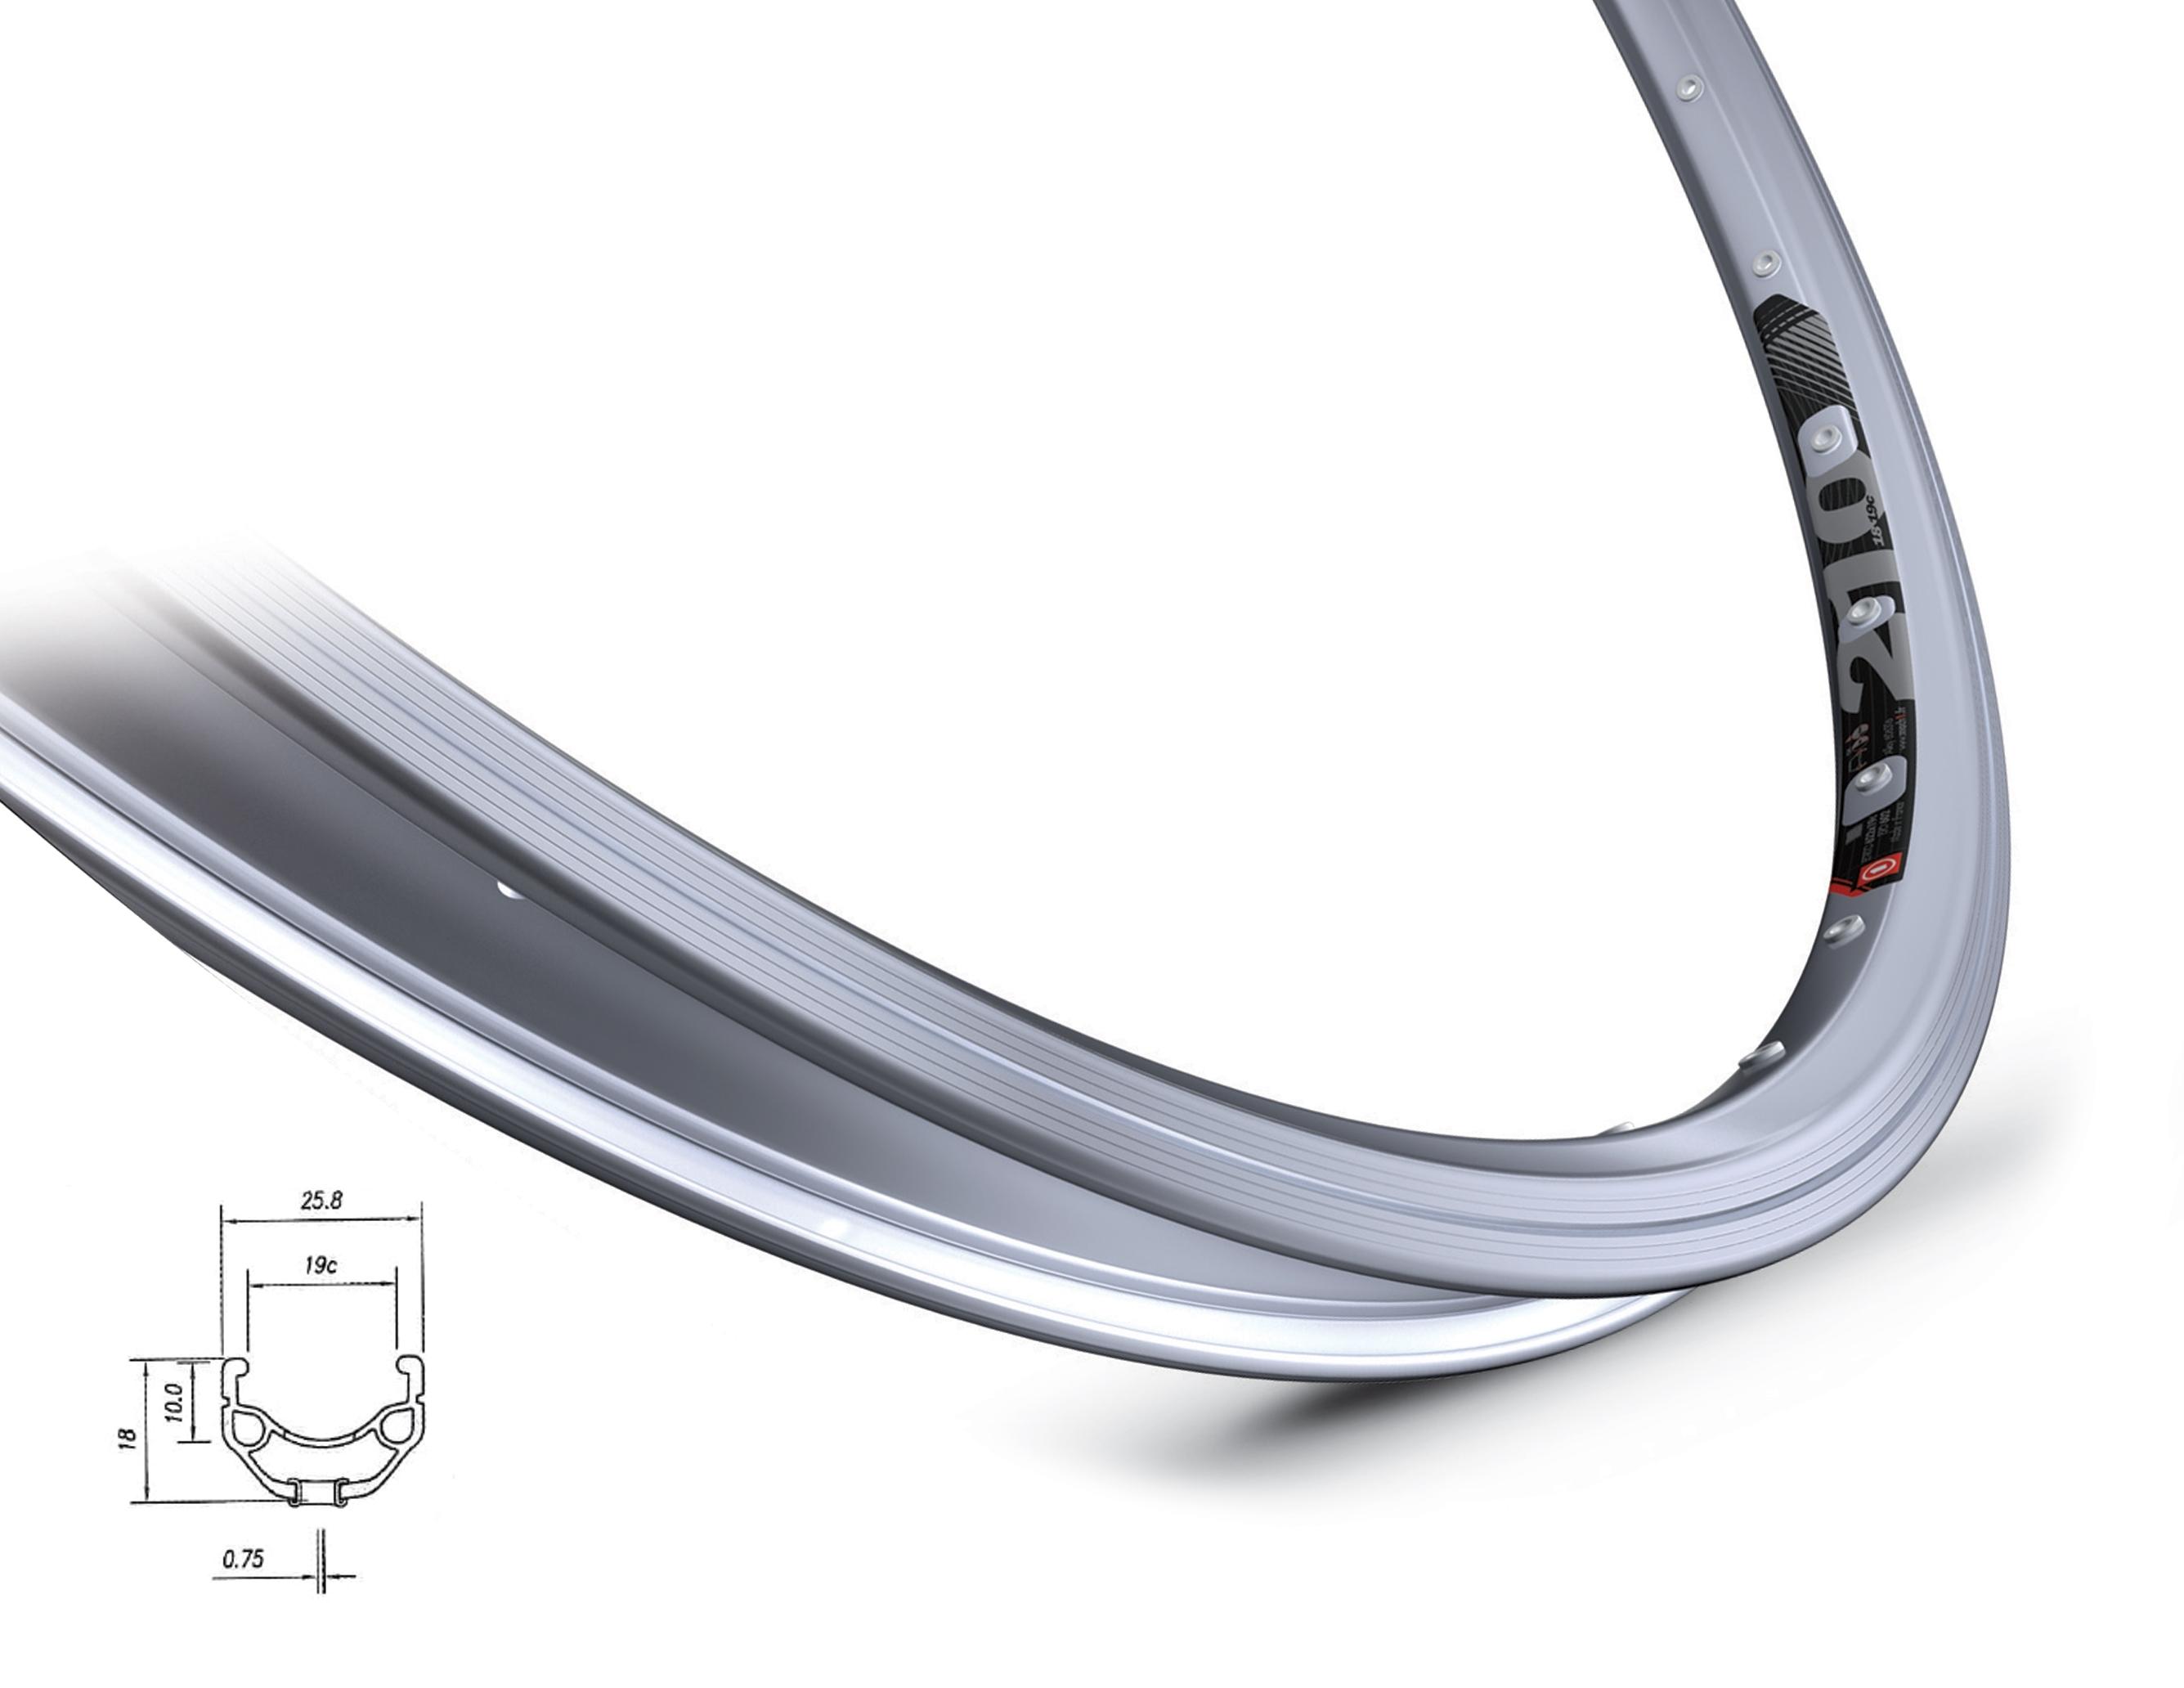 ráfek MACH1 210 622 x 19, 36 děr, stříbrný jediný kus!